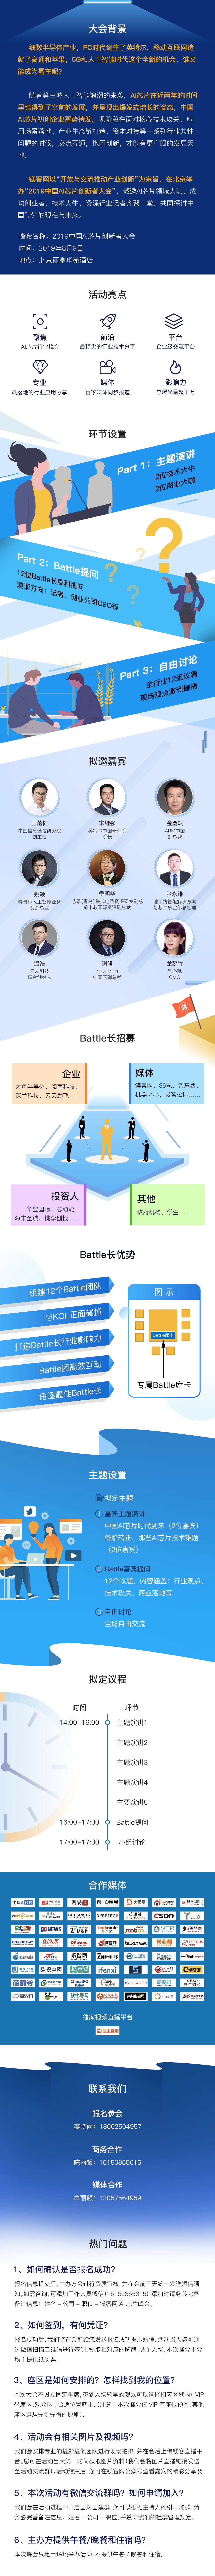 2019中国AI芯片创新者大会